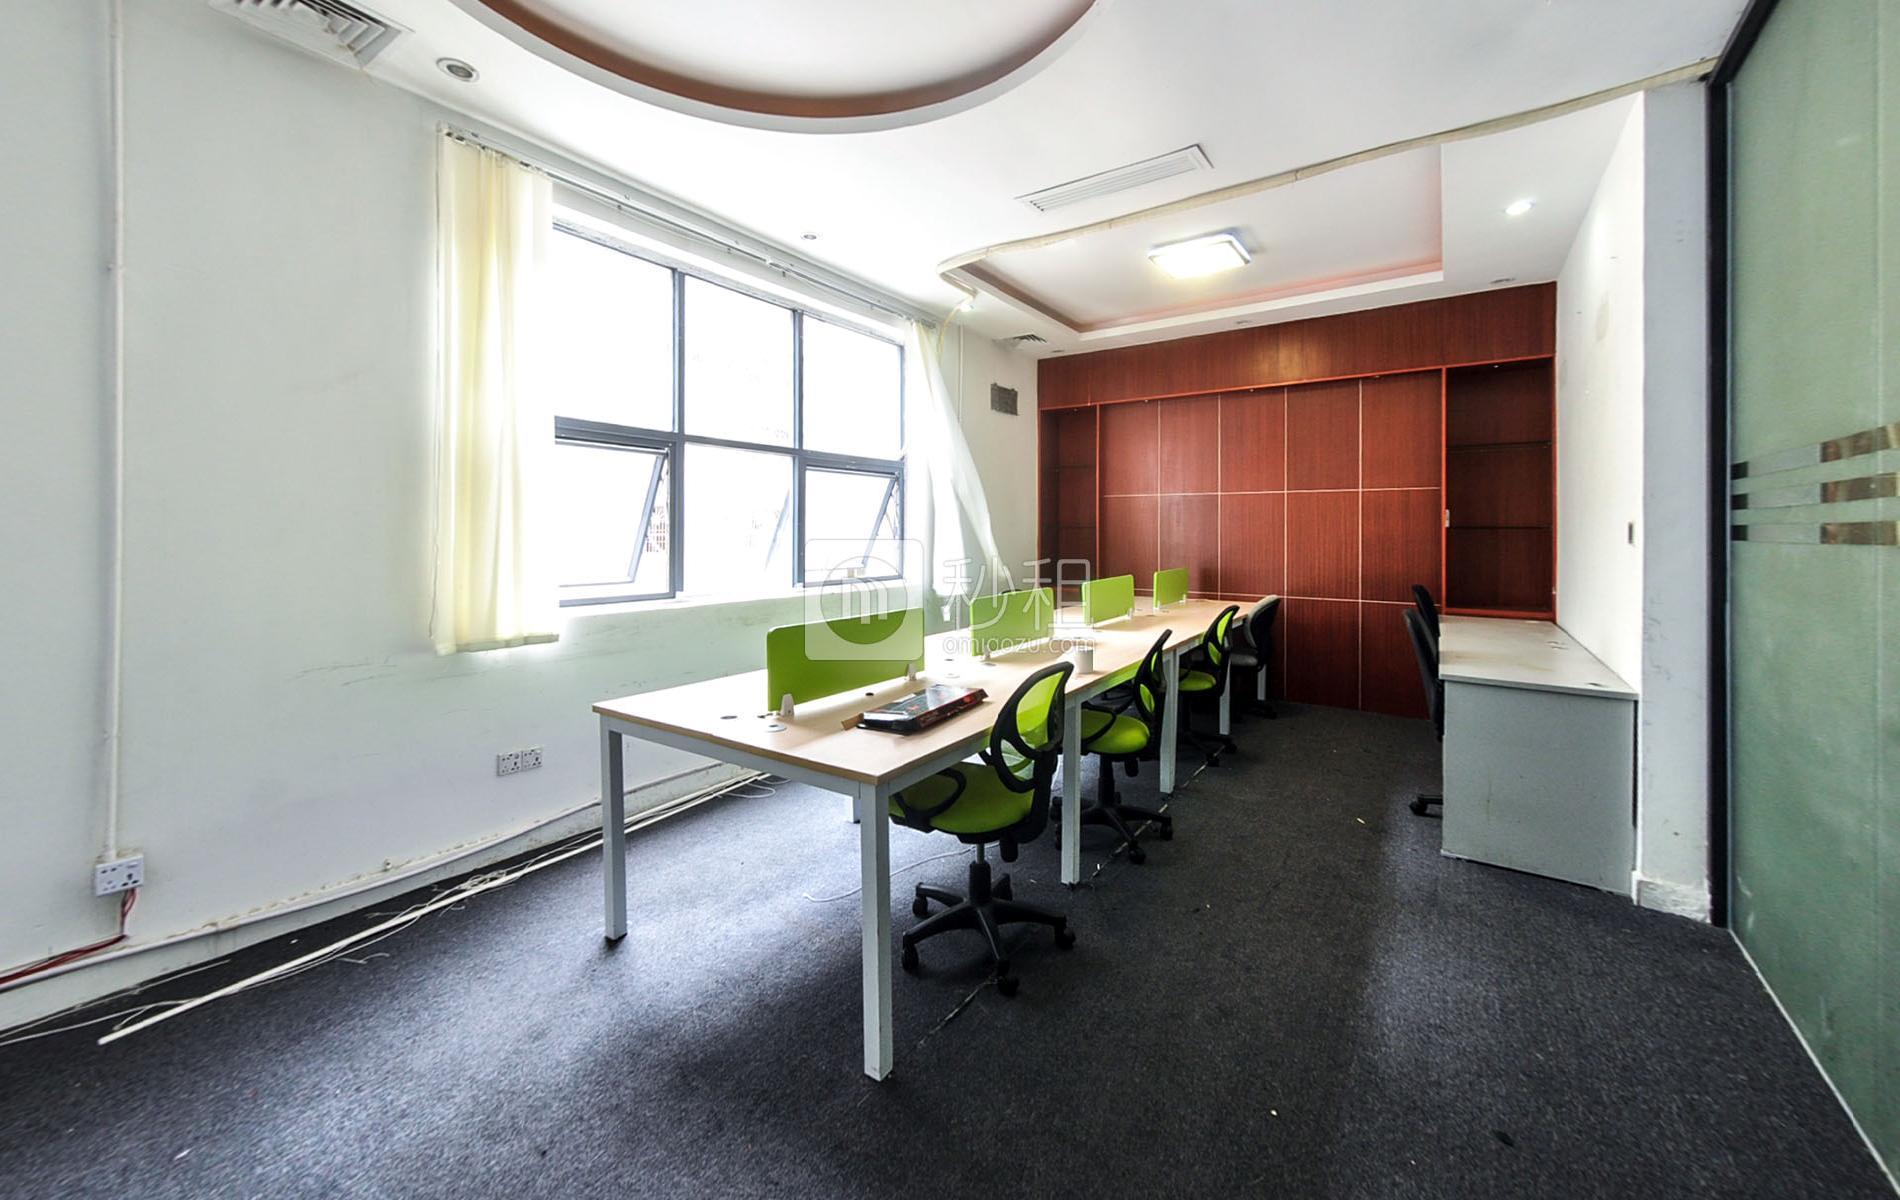 龙华龙华【金茂盈大厦】写字楼出租160平米精装修办公室40元/m.月